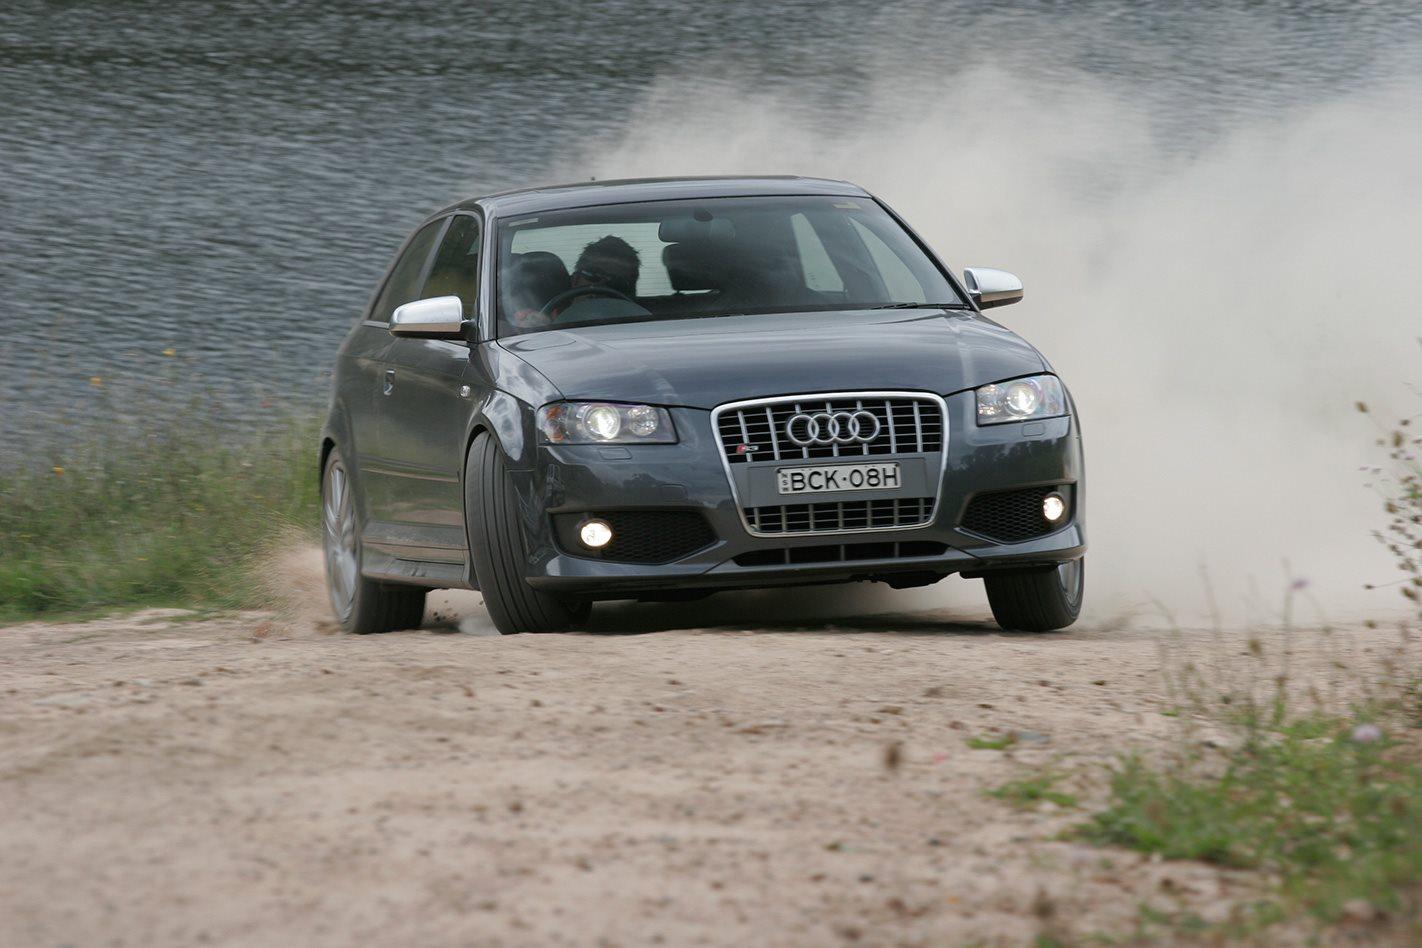 2008 Audi S3 offroading.jpg